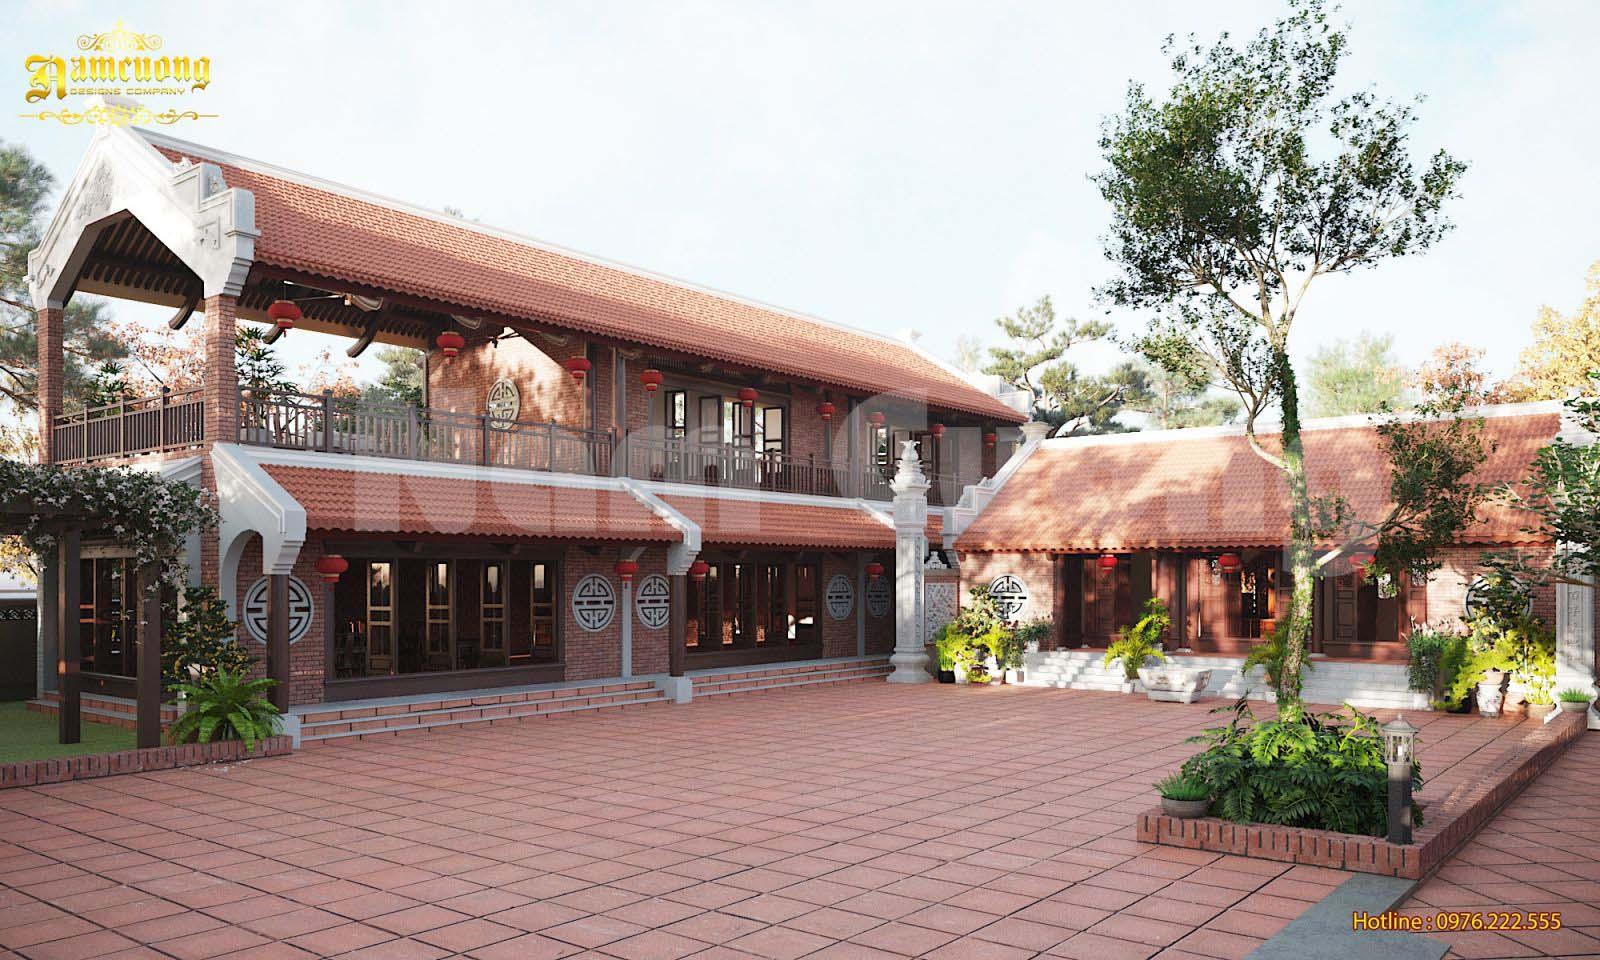 Thiết kế nhà ở kết hợp nhà thờ họ truyền thống